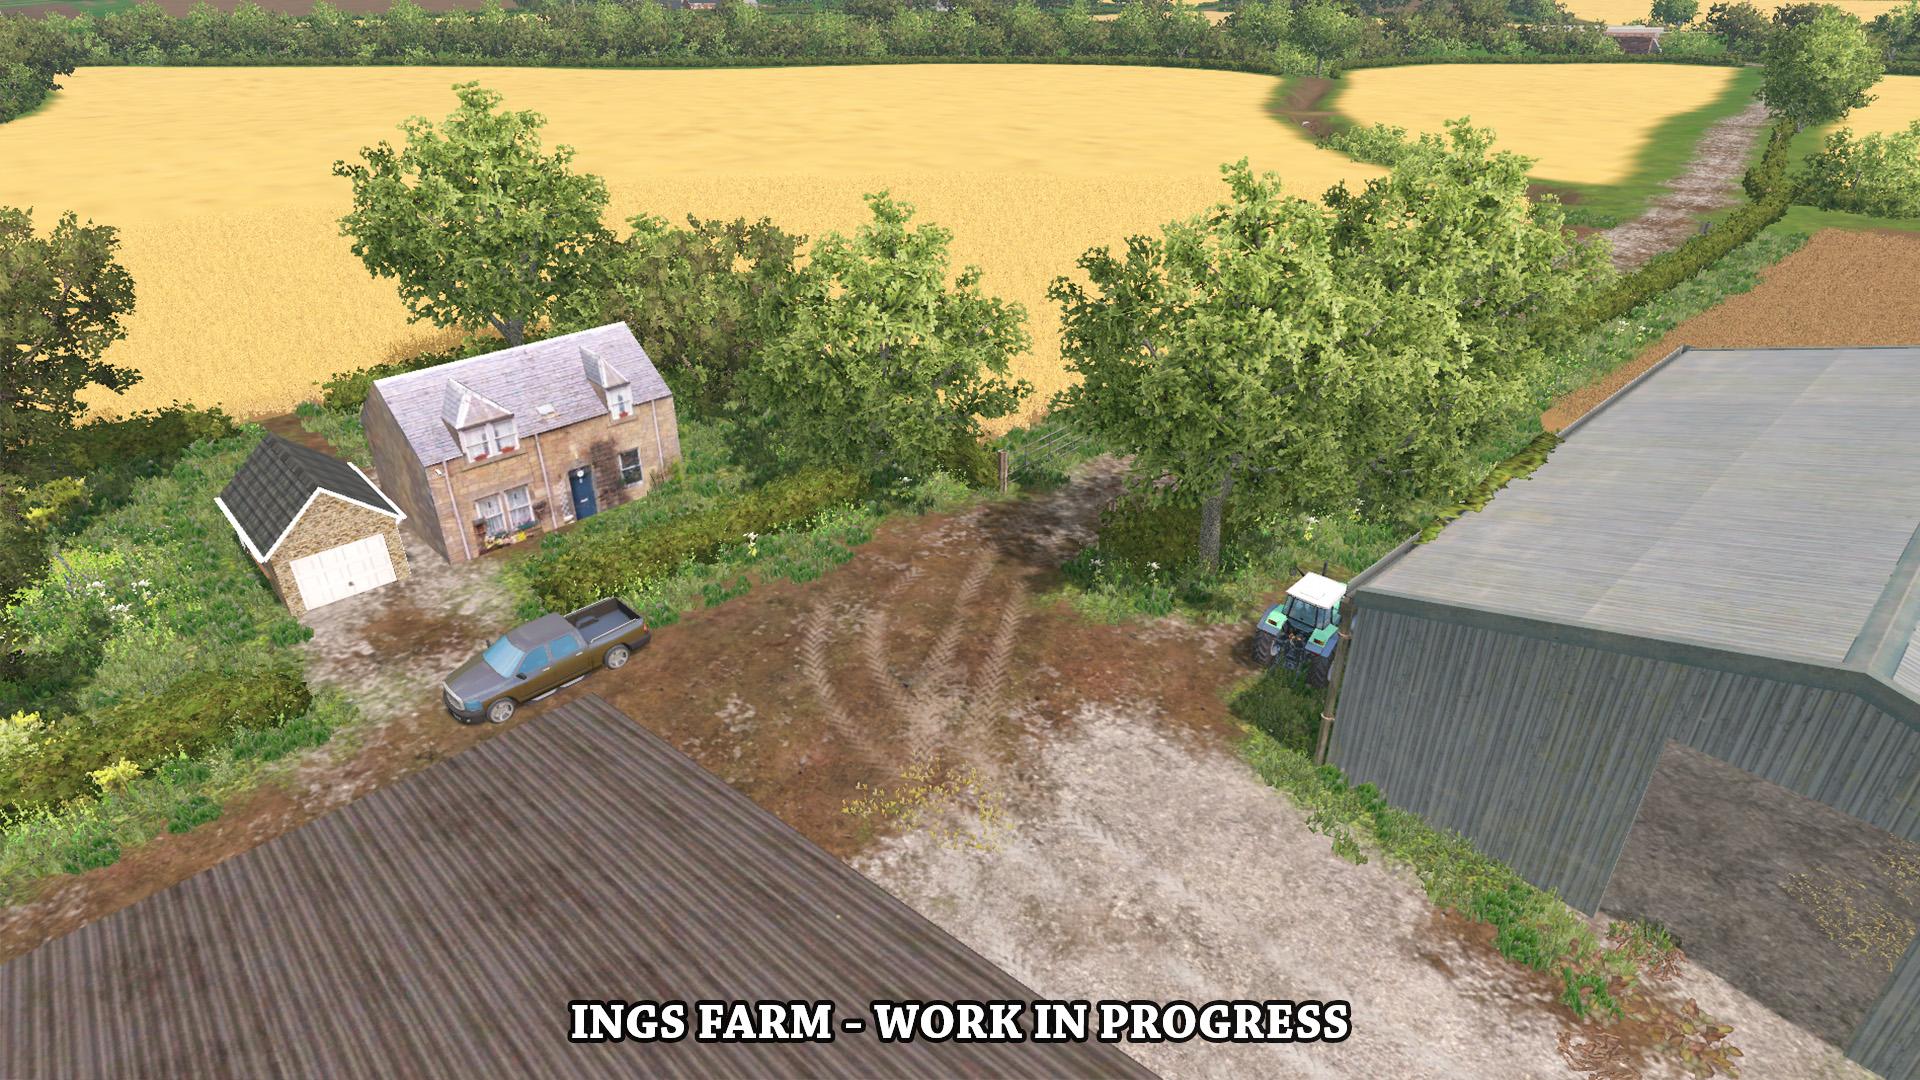 Скачать Farming Simulator 2 17 на компьютер (ПК) торрент - FS 17